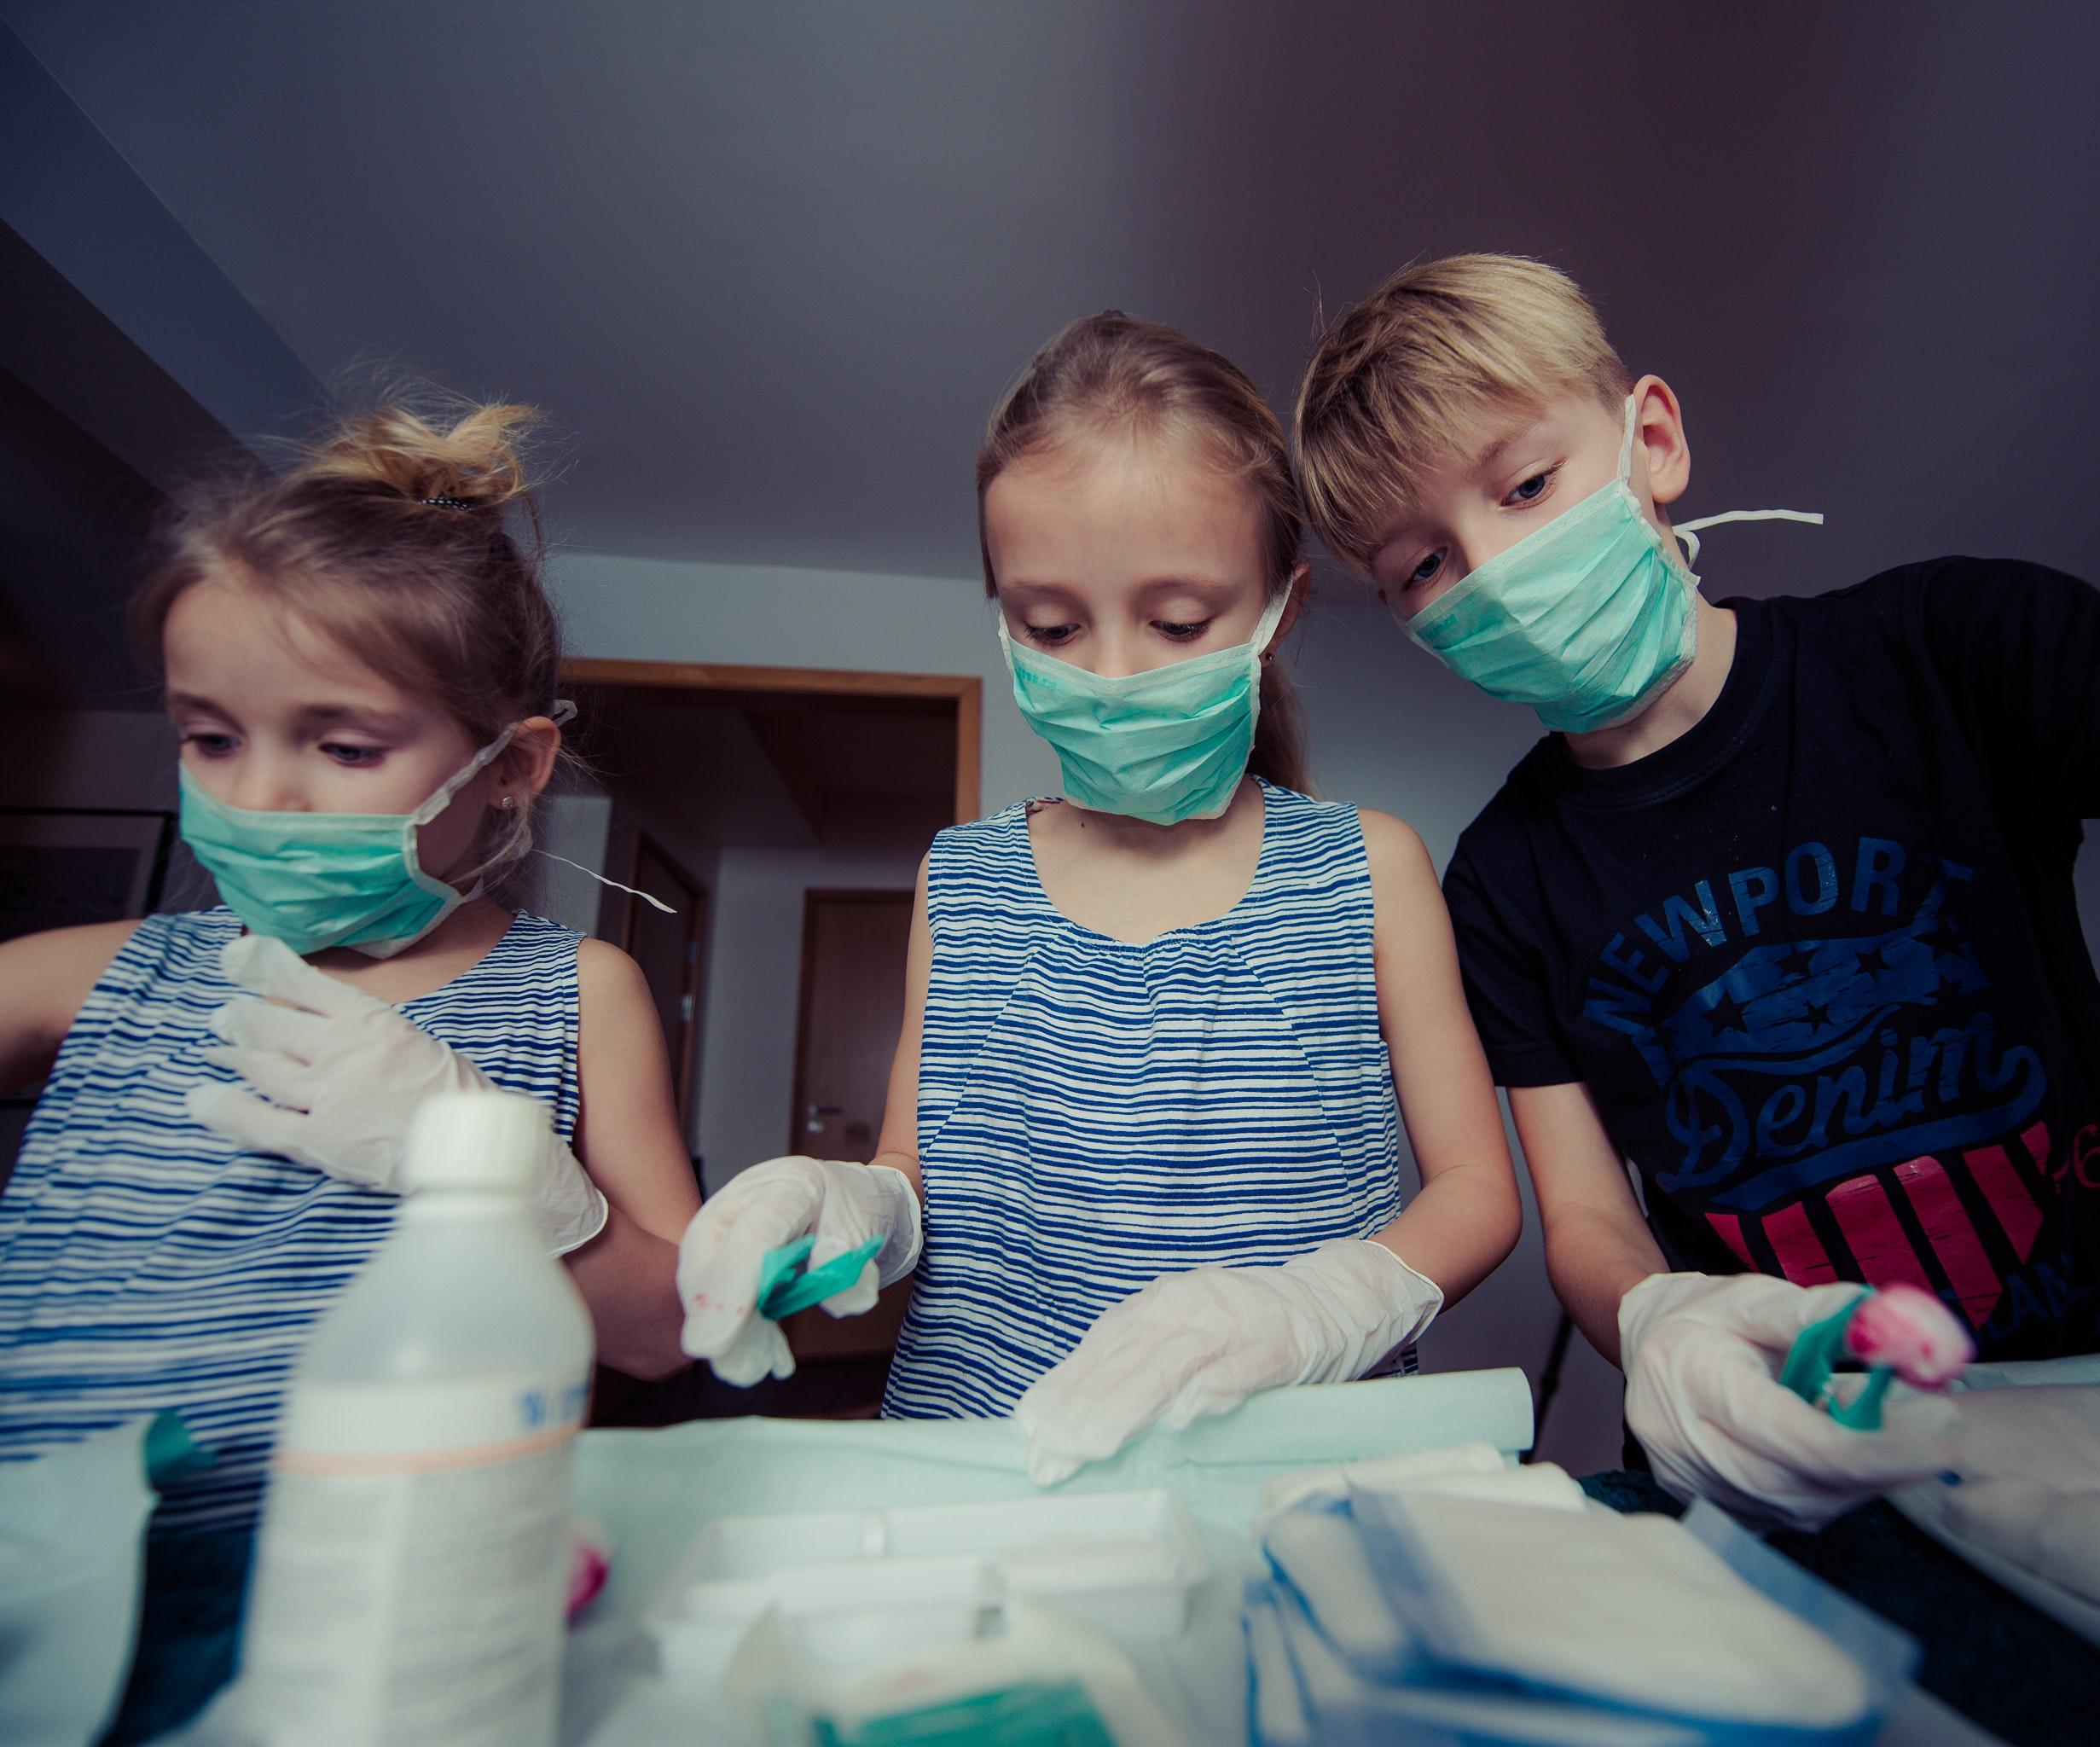 Three Children Wearing Face Masks, Boy, Kids, Togetherness, Surgeon, HQ Photo